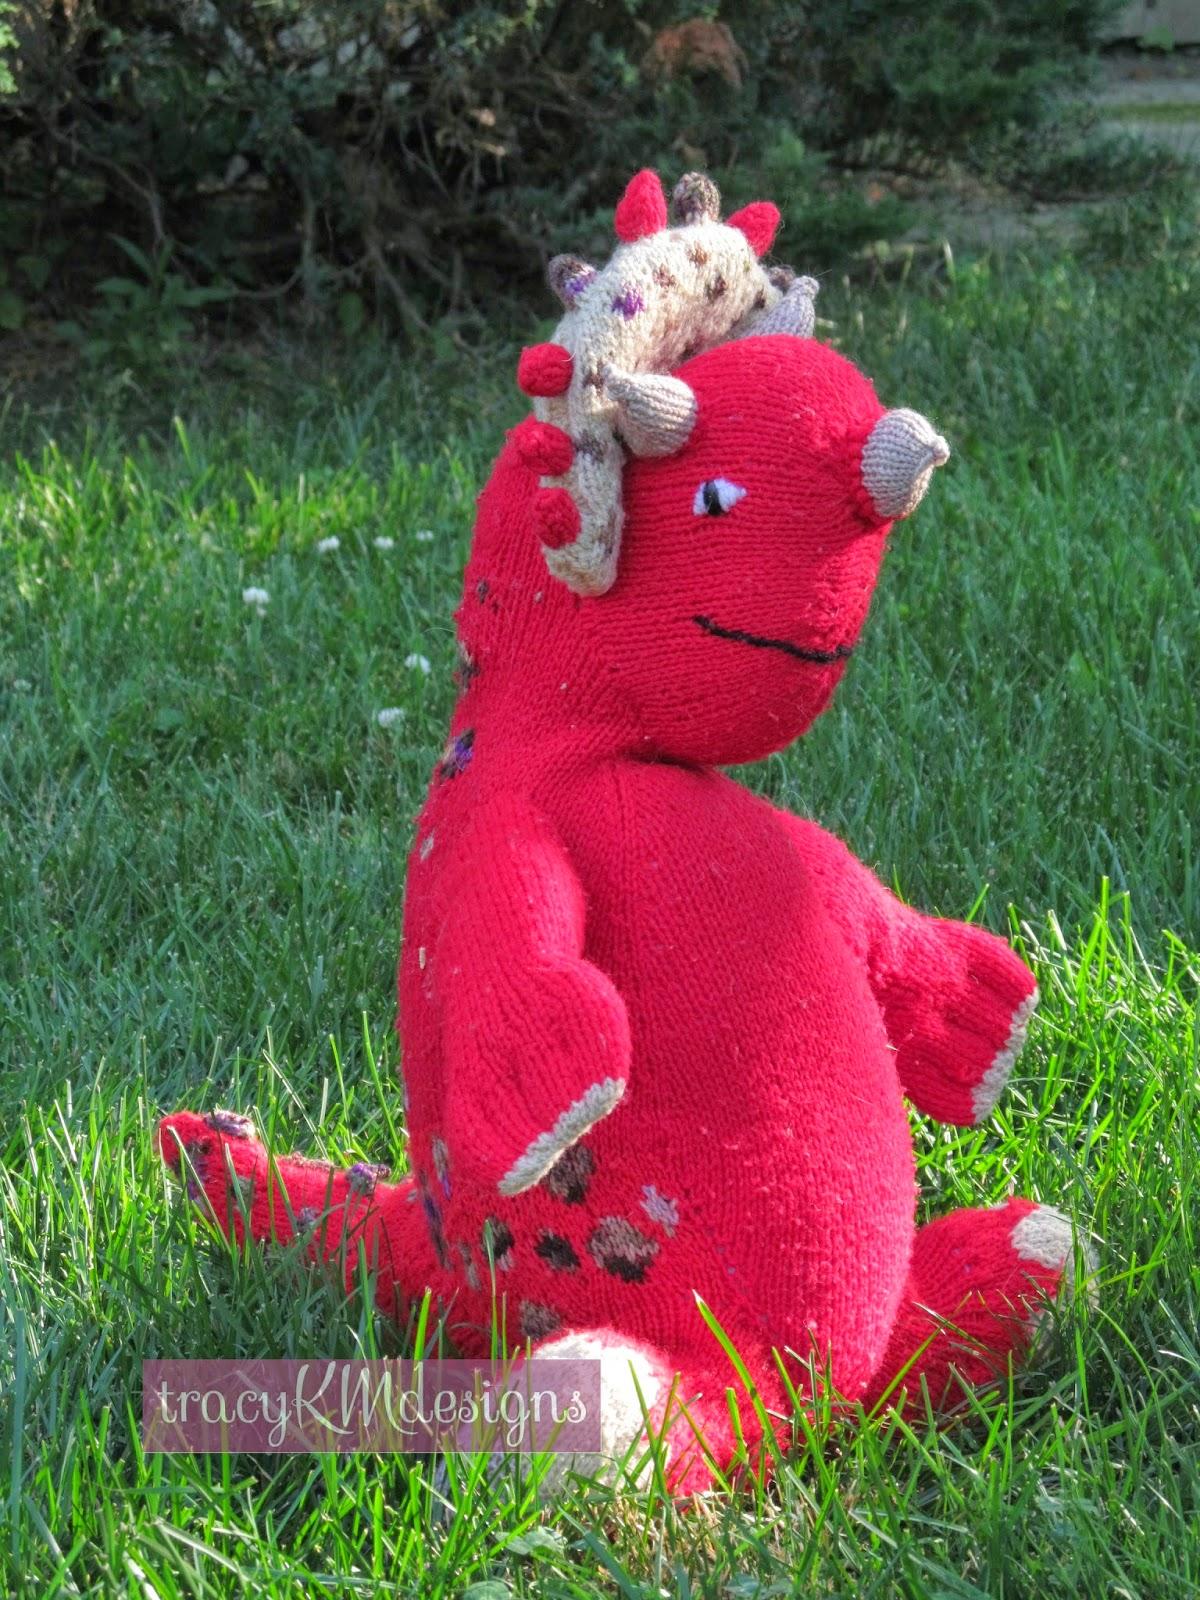 Knitting Knotty : Knotty knits and naughty kids september